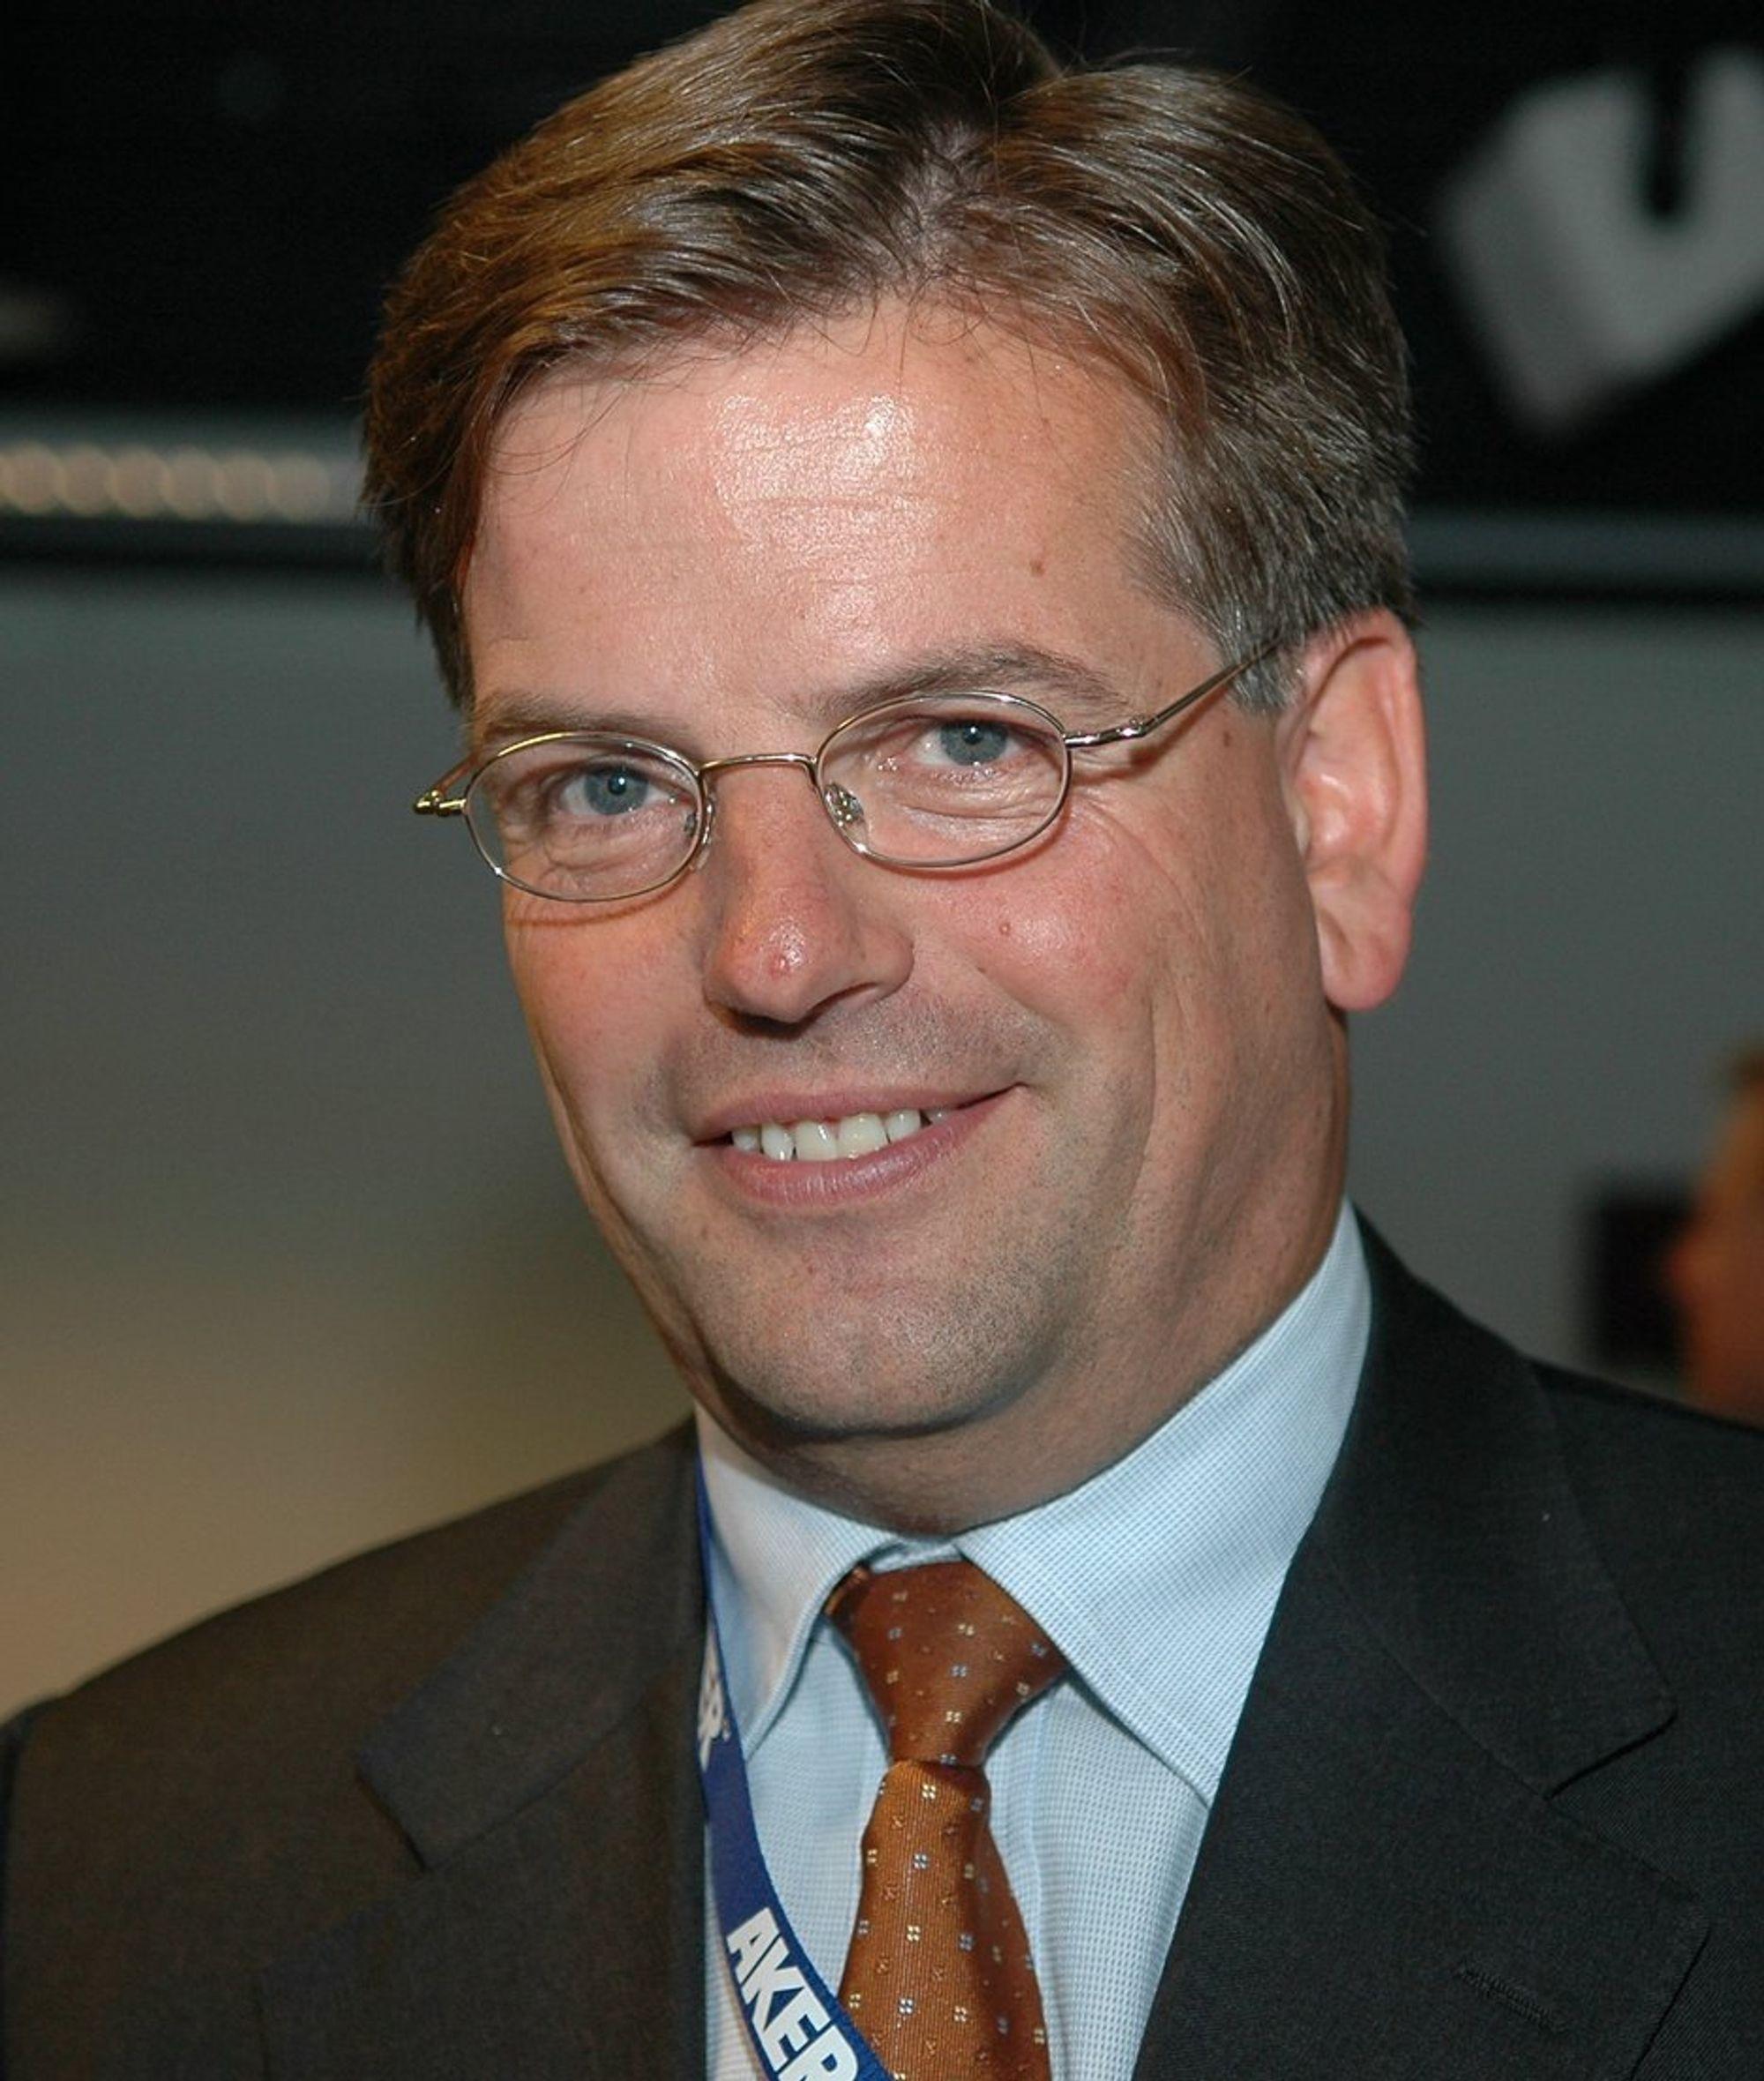 KAN GLISE: Konsrnsjef i Aker Kværner Martinus Brandal er ikke bare en av ledets best betalte industriledere, han kan også vise til rekordresultater teknologibedriften.